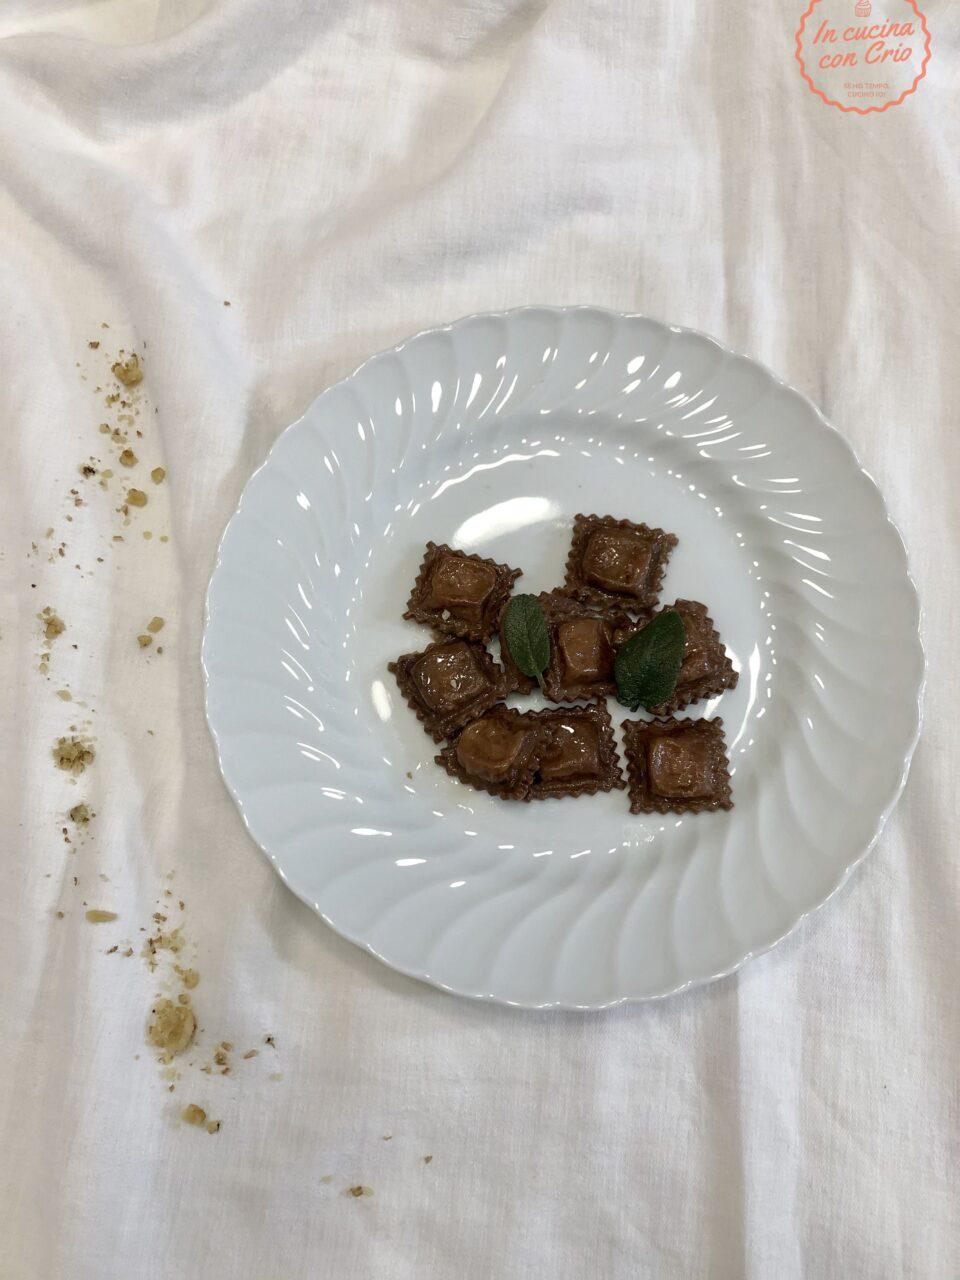 Raviolini al cacao con robiola e noci